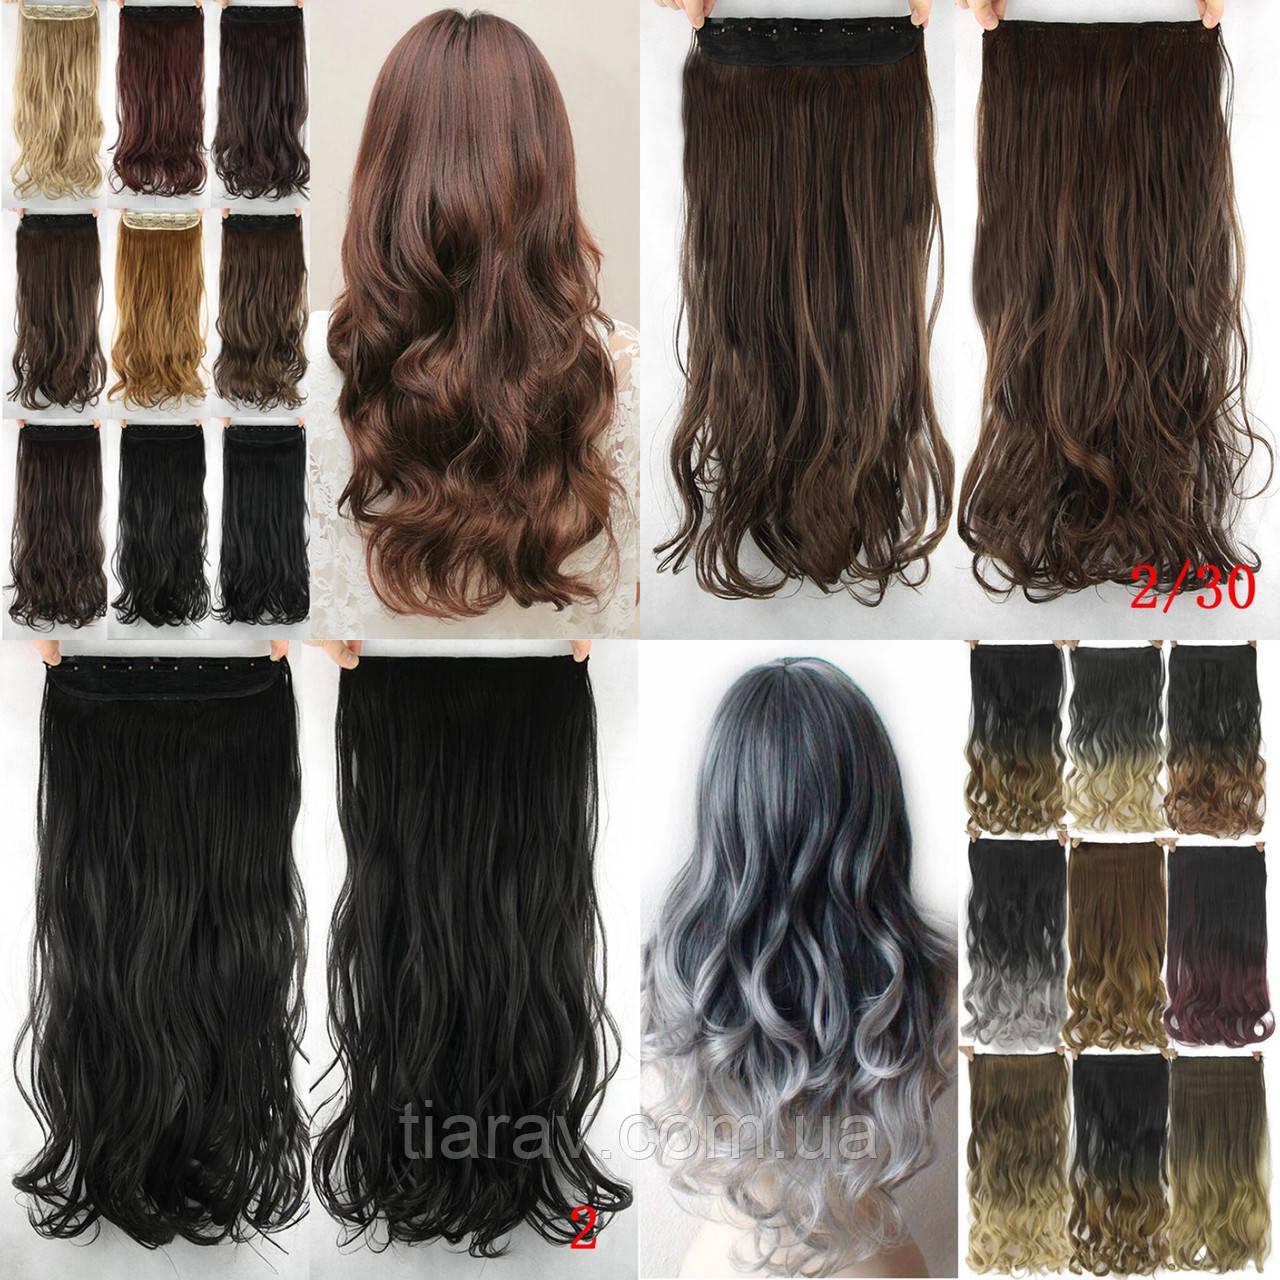 Волосы на заколках накладные волнистые ТЕРМОСТОЙКИЕ тресс волос